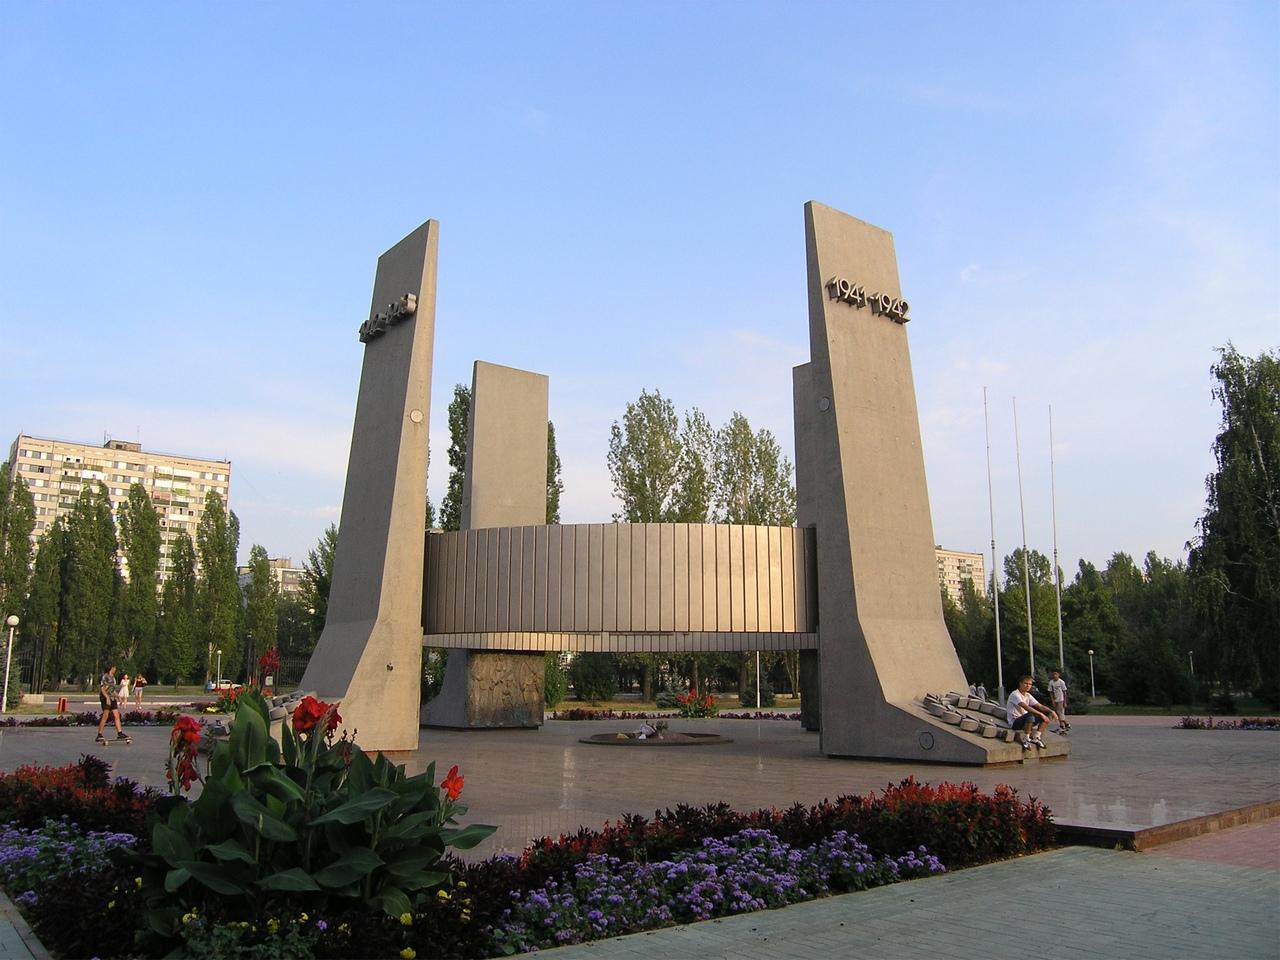 1XTCROaGcvc Тольятти достопримечательности и история города.